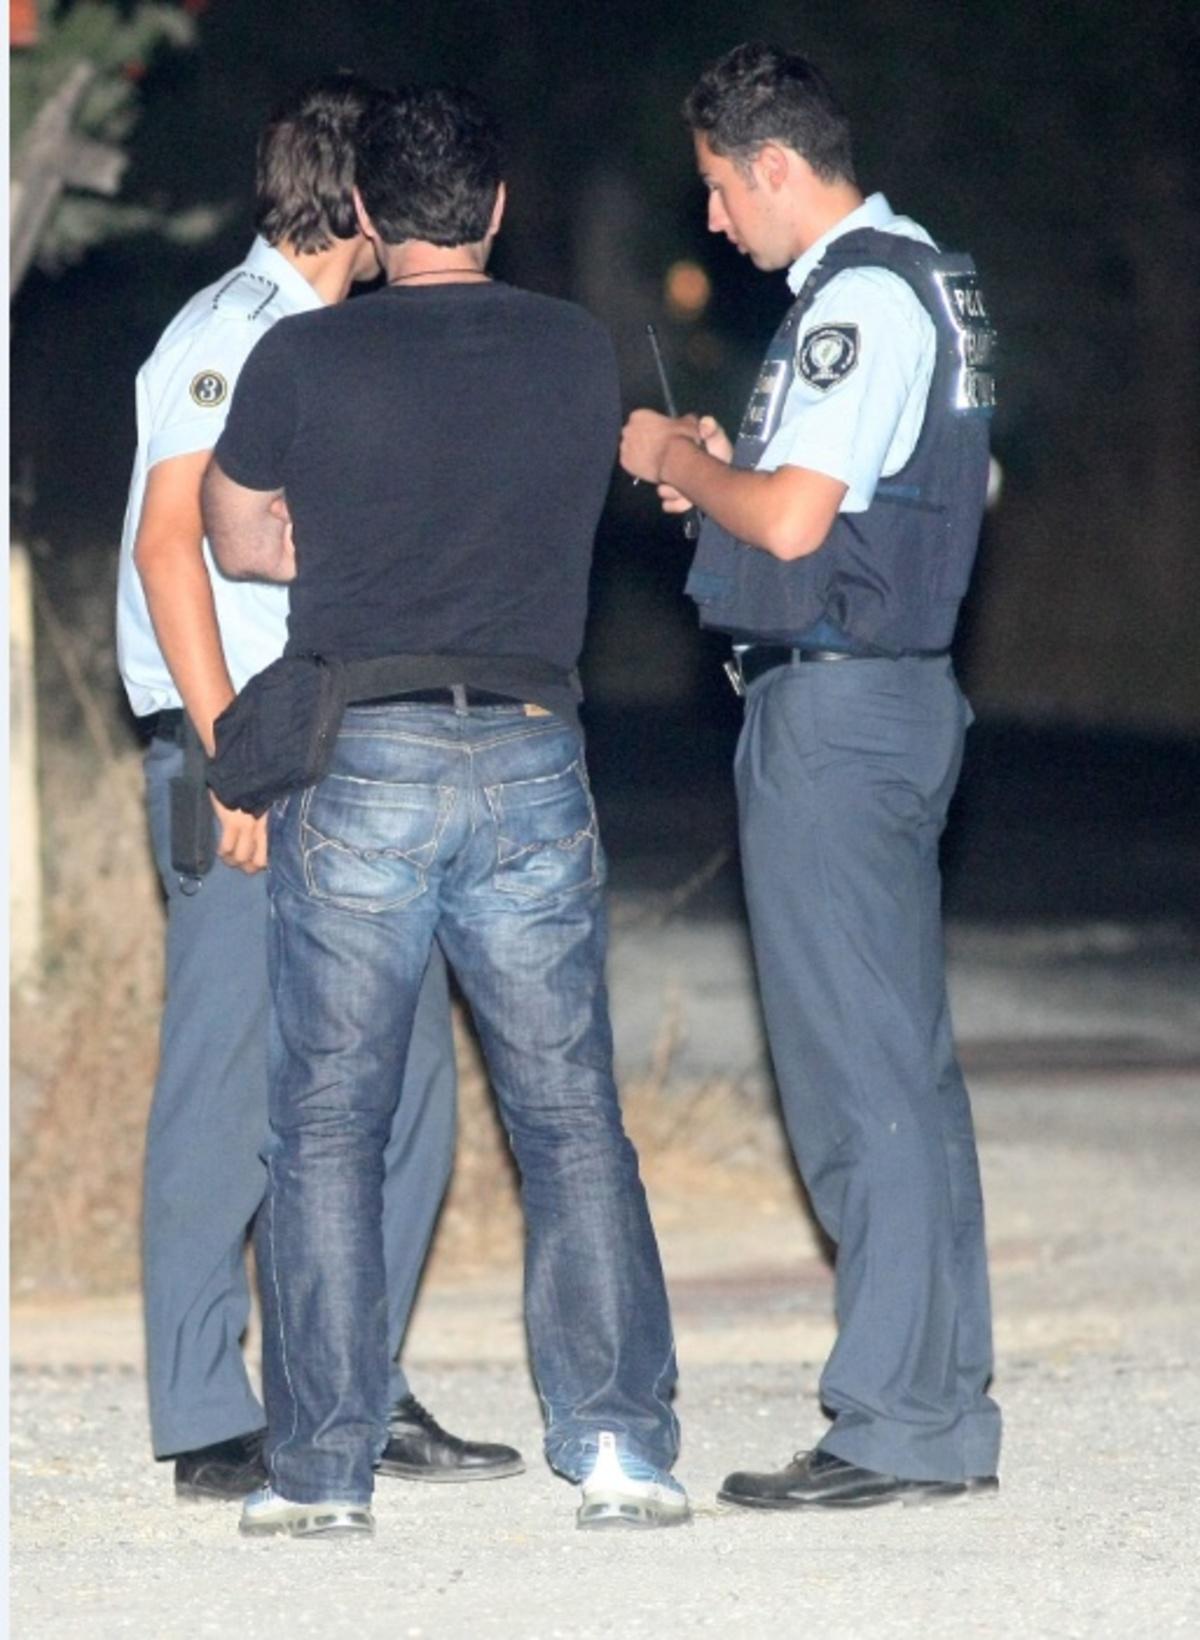 Αχαϊα: Έβγαλαν μαχαίρι σε παιδιά που έπαιζαν! | Newsit.gr